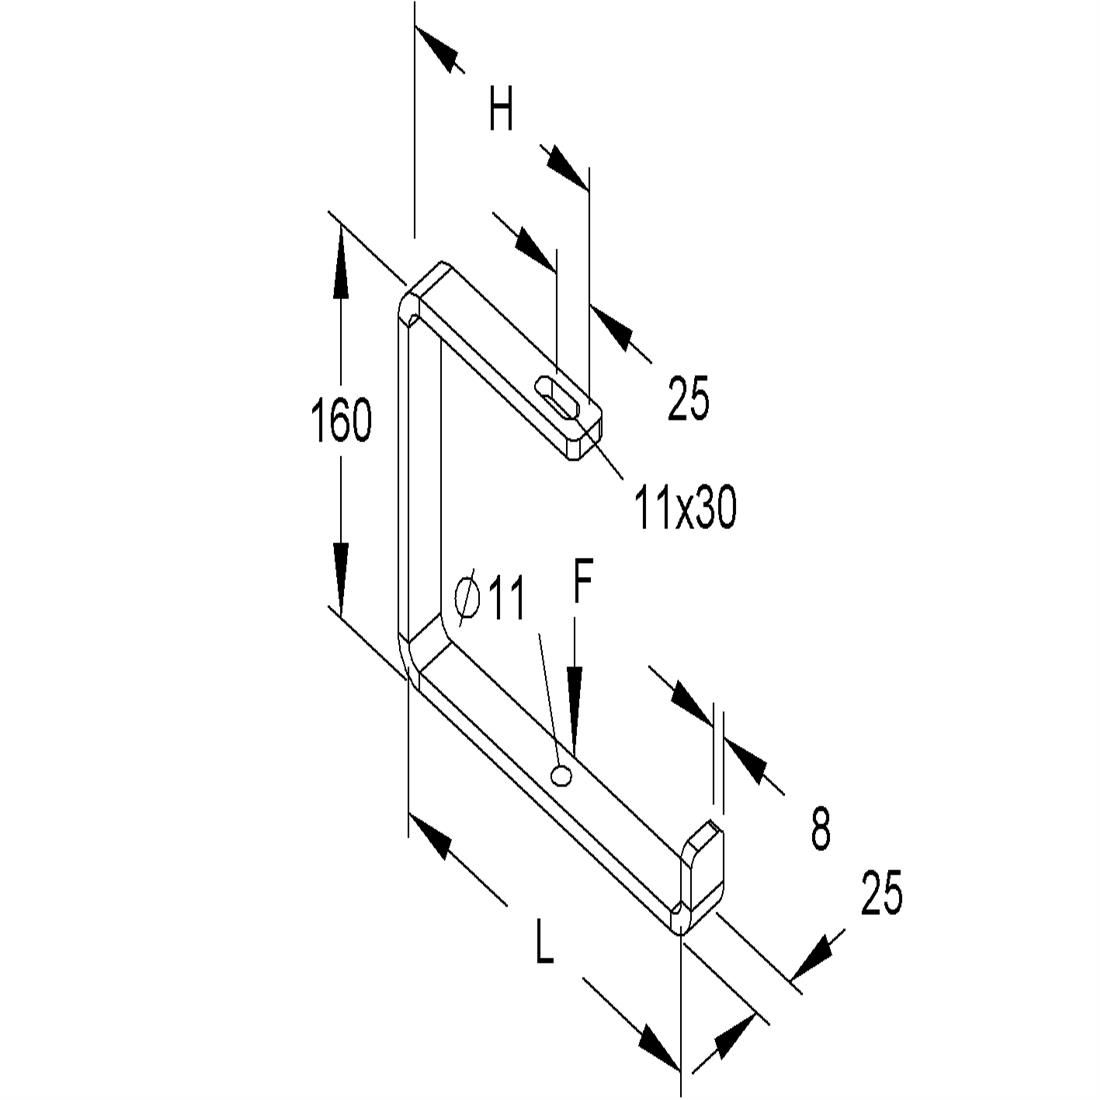 Niedax Kleinhuis kabelgoot ophang beugel open (C-beugel) voor 120 mm breed ZCB120